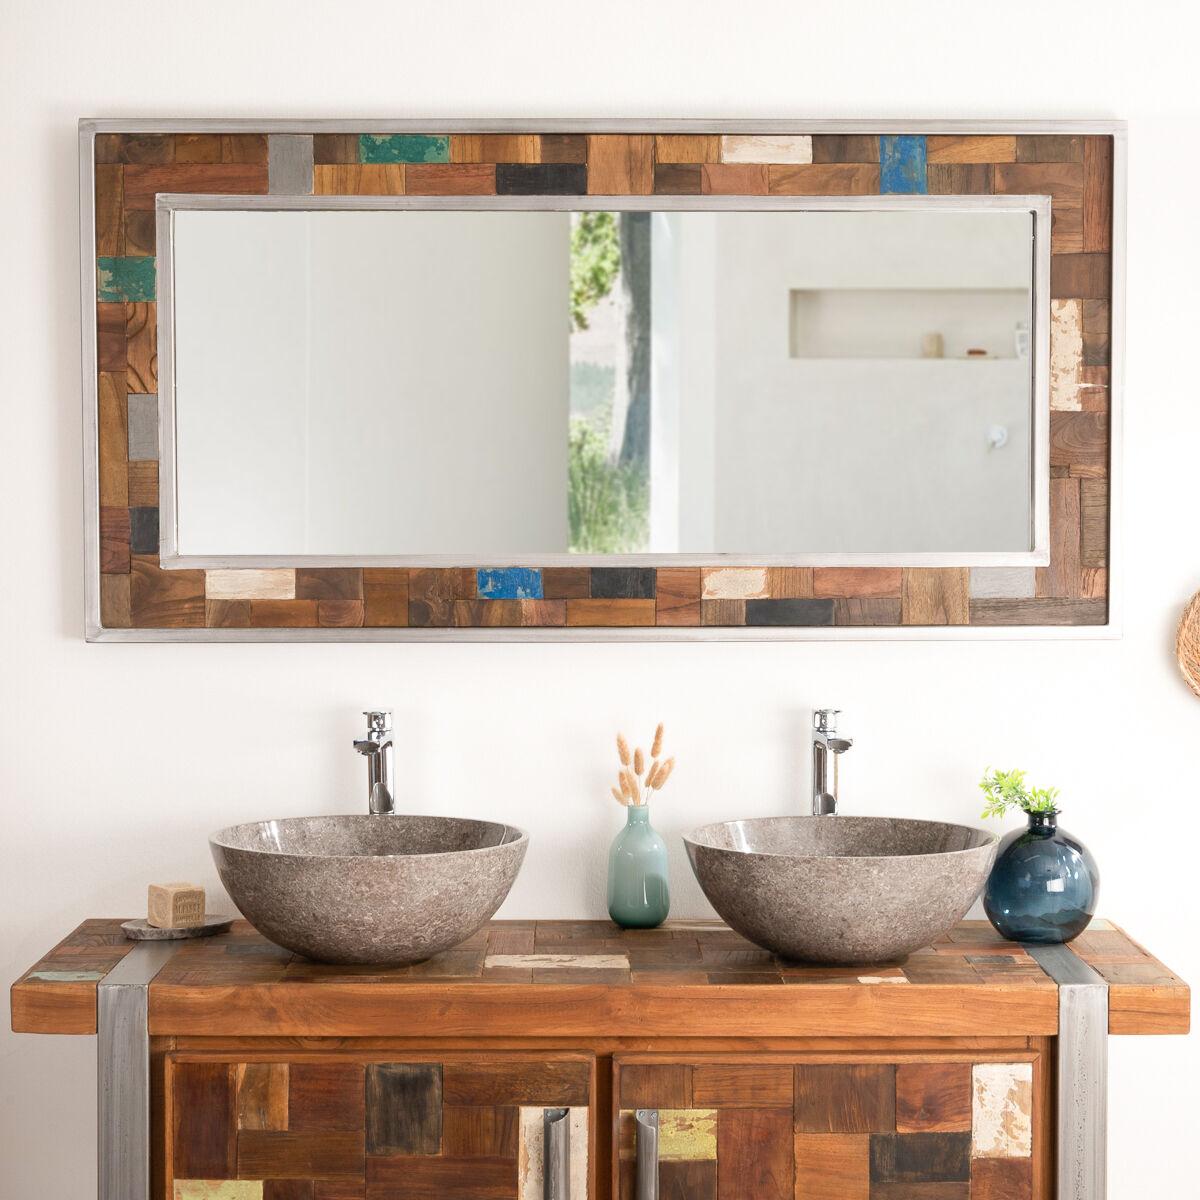 Wanda Collection Grand miroir de salle de bain factory bois métal 140x70